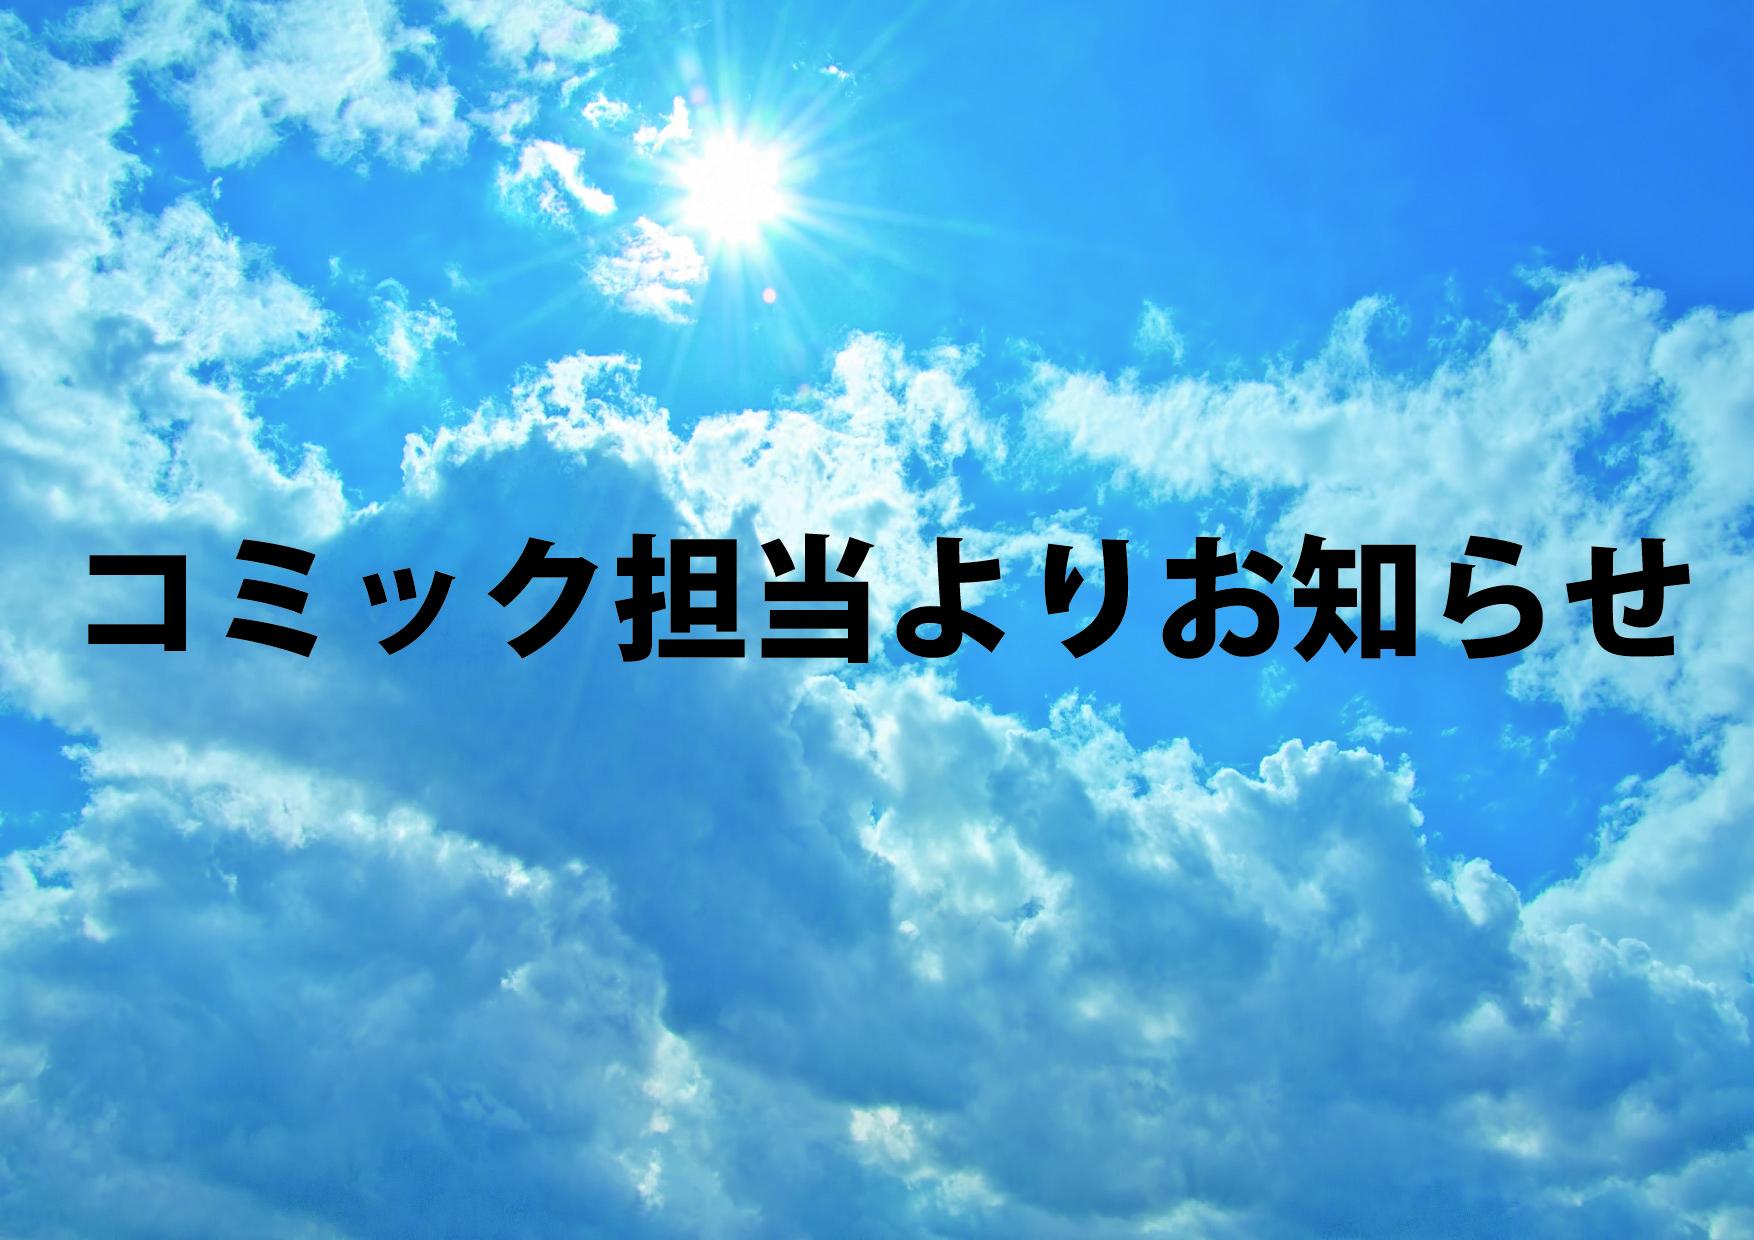 紀伊國屋書店:コミック担当ページ